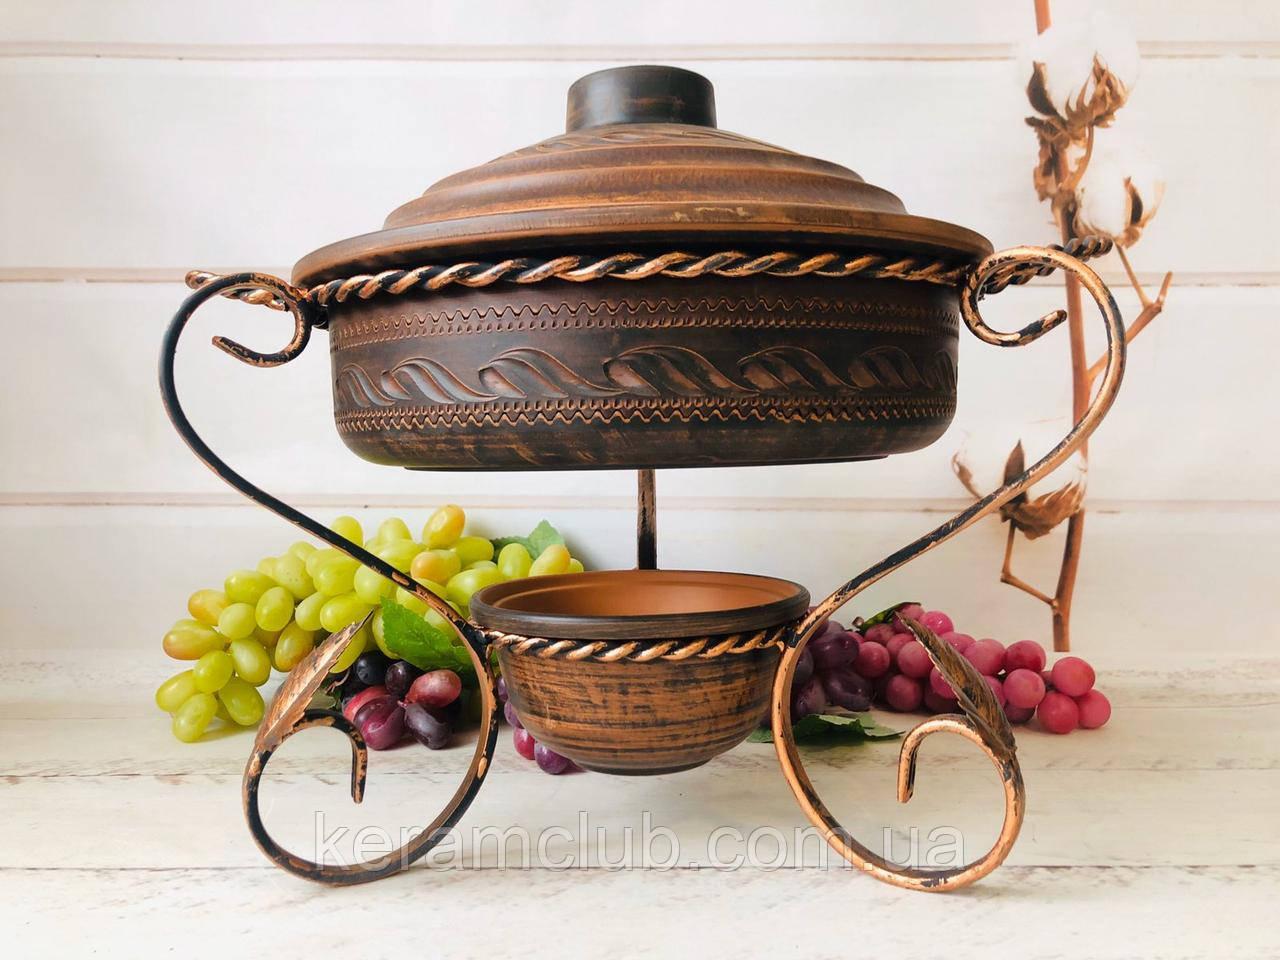 Садж для подачи шашлыка с жаровней из красной глины 3 л